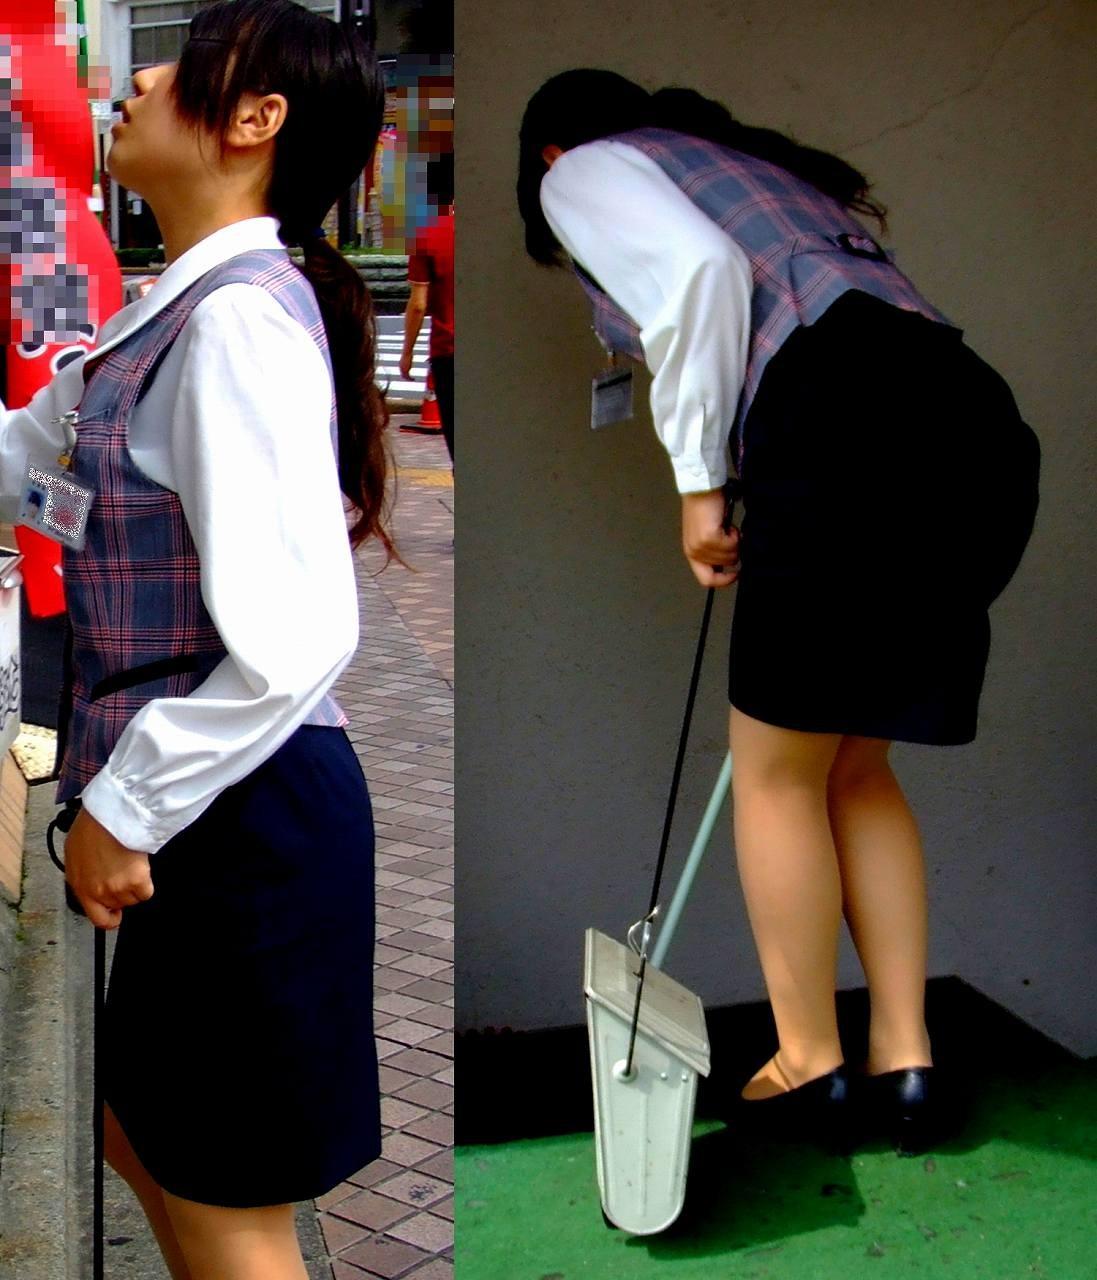 【働く女性エロ画像】ヒップラインが引き立つ瞬間!タイト女性の前屈み美尻www 03